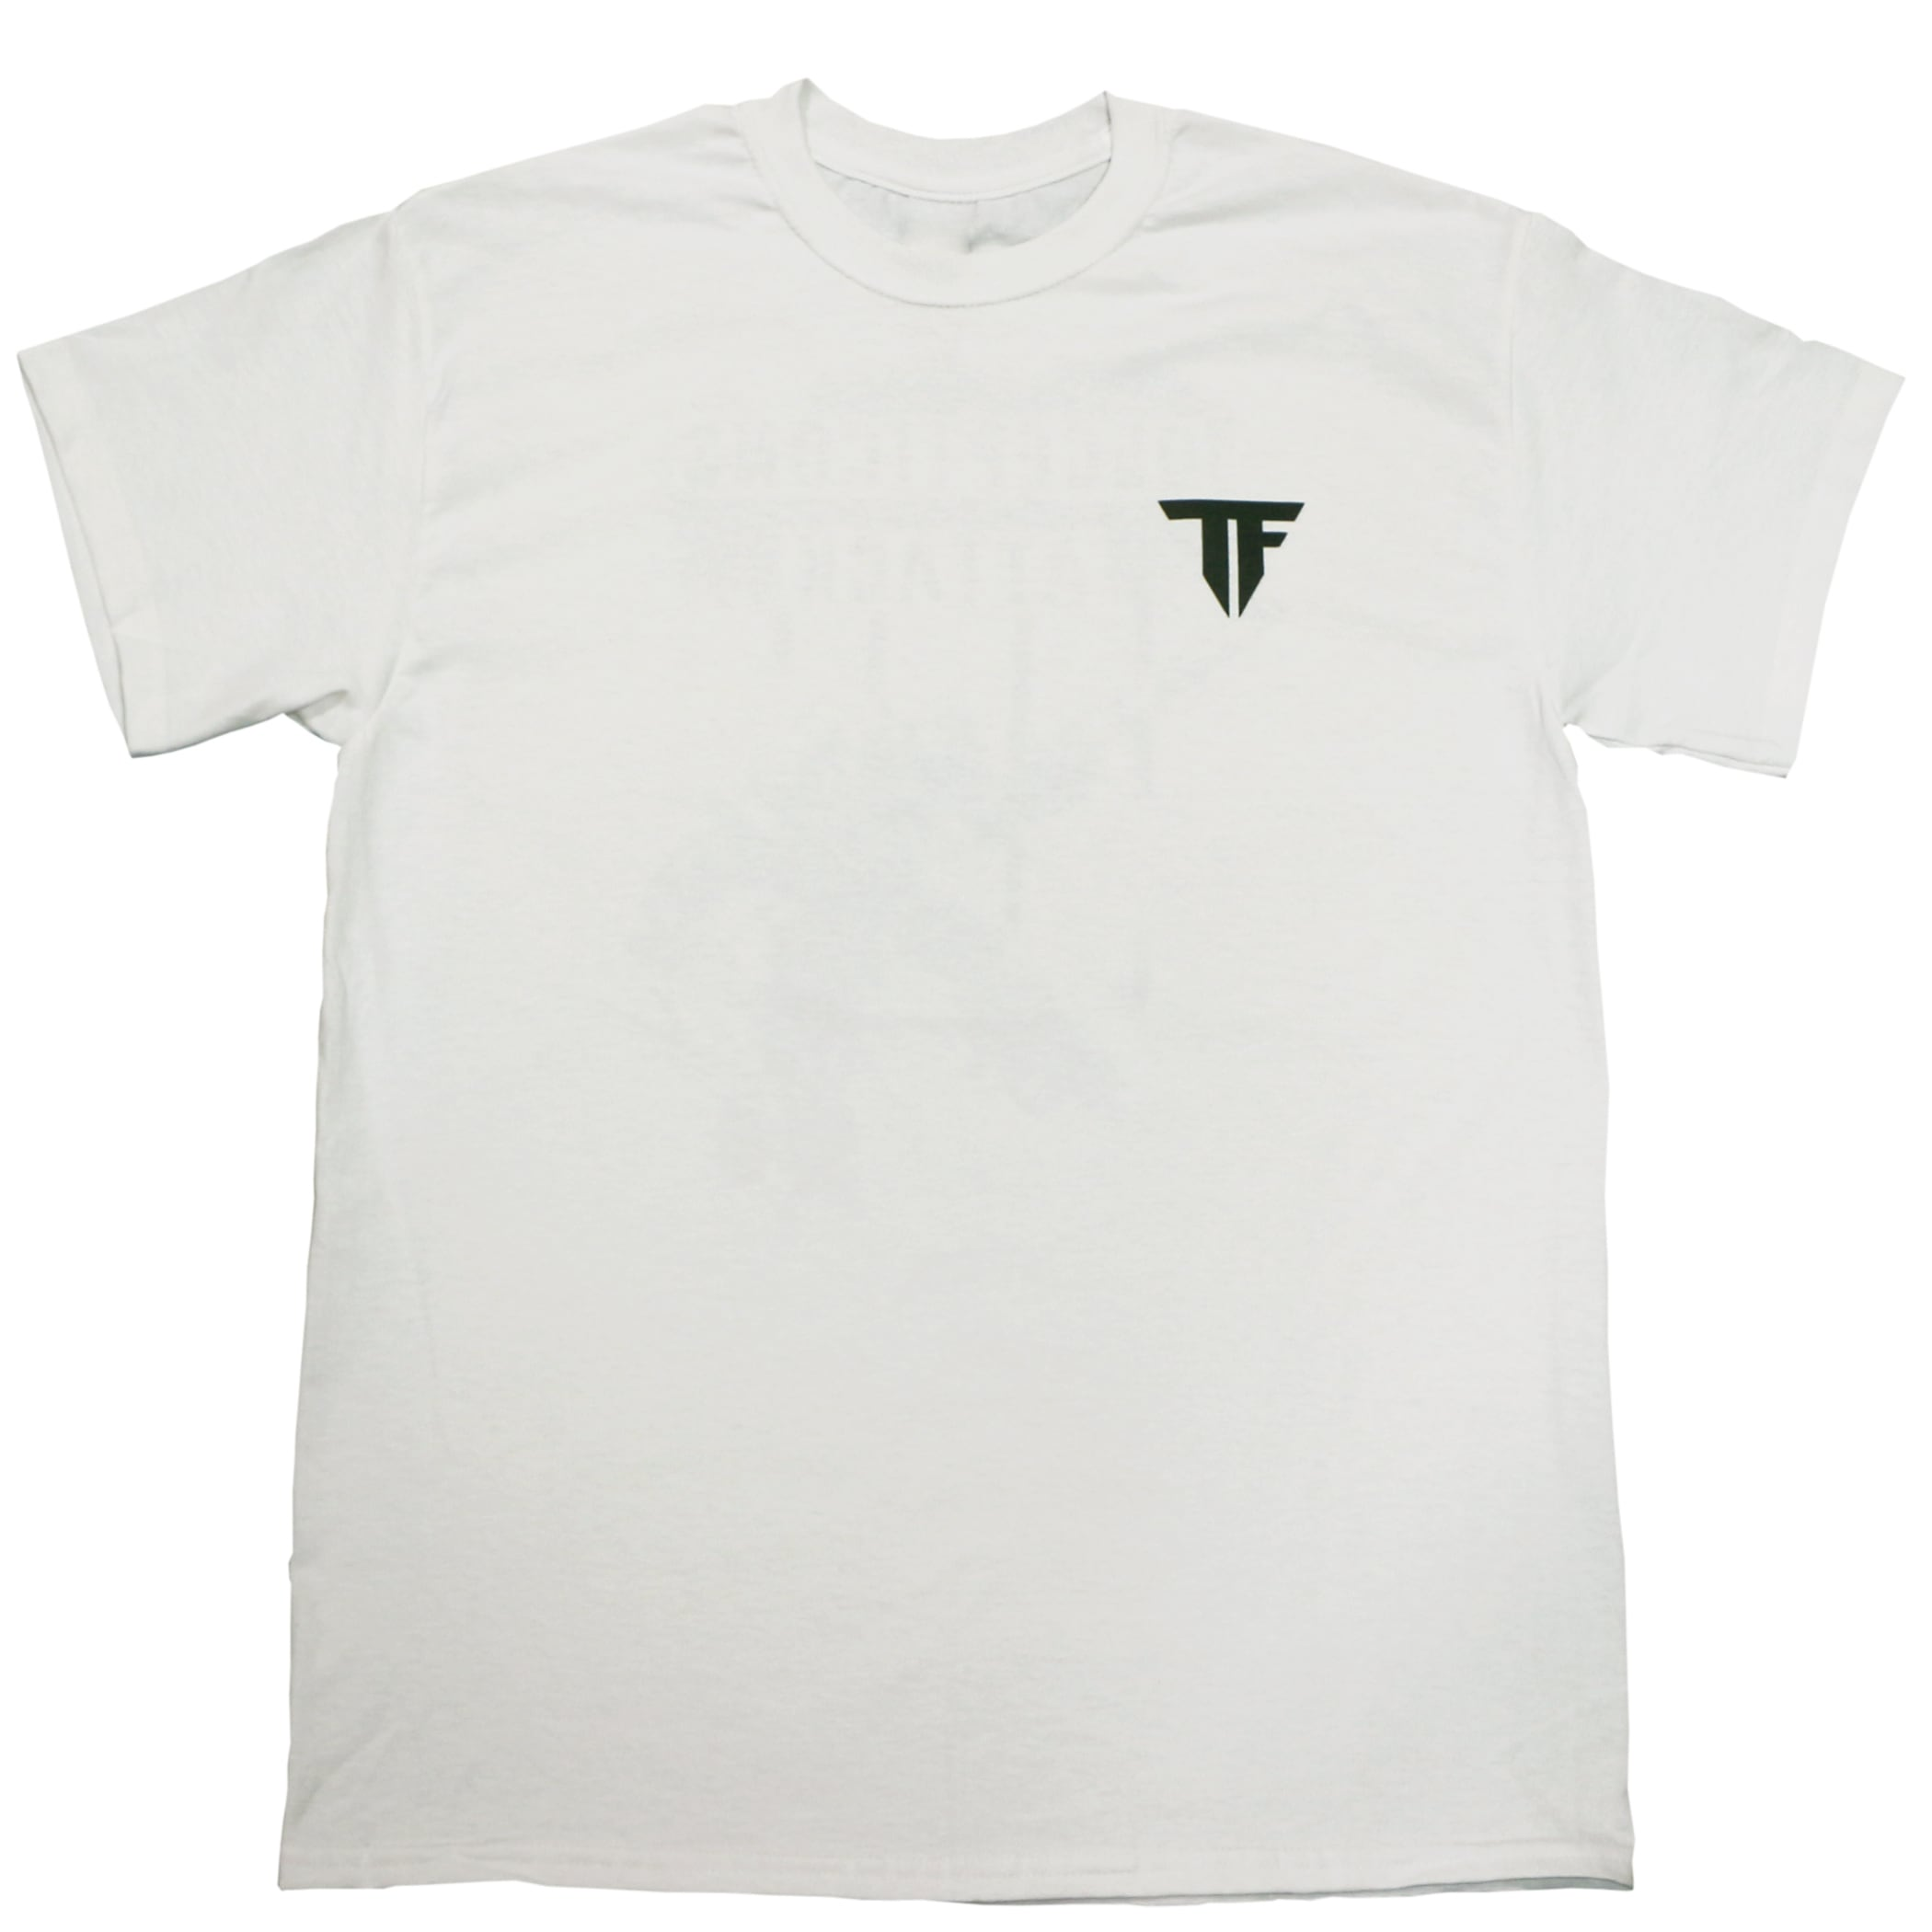 【トランスフォーマー】映画:トランスフォーマー・ダークサイドムーン メガトロン 両面アートプリントTシャツ